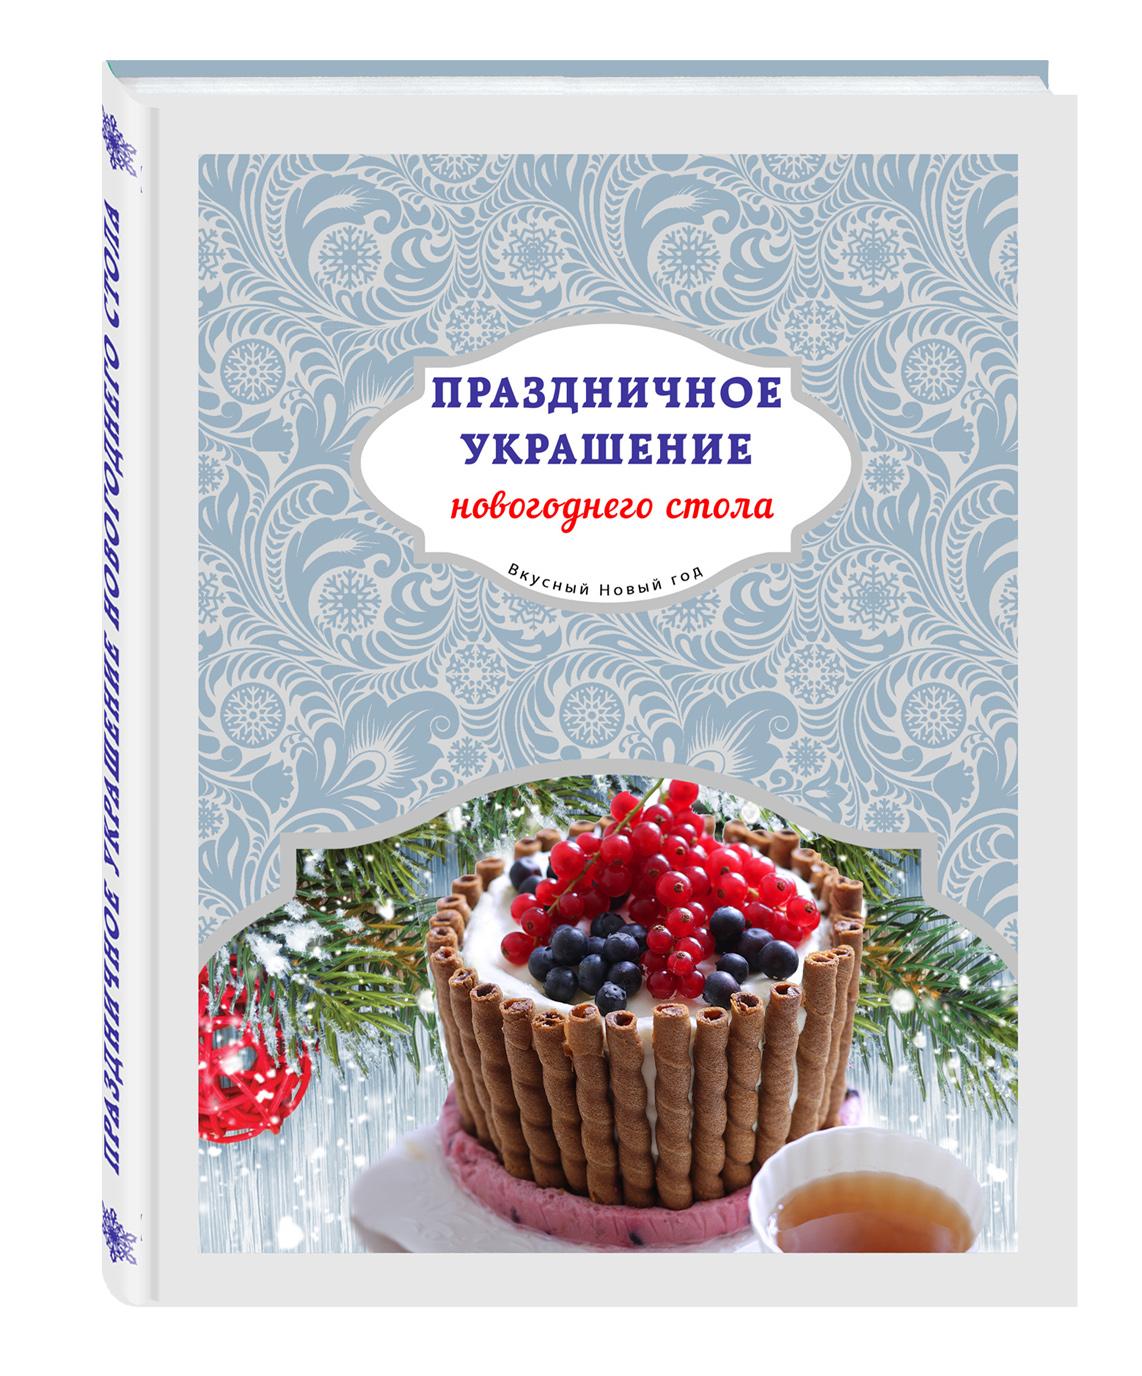 Праздничное украшение новогоднего стола ( Савкин И.А., Юрышева Я.В.  )